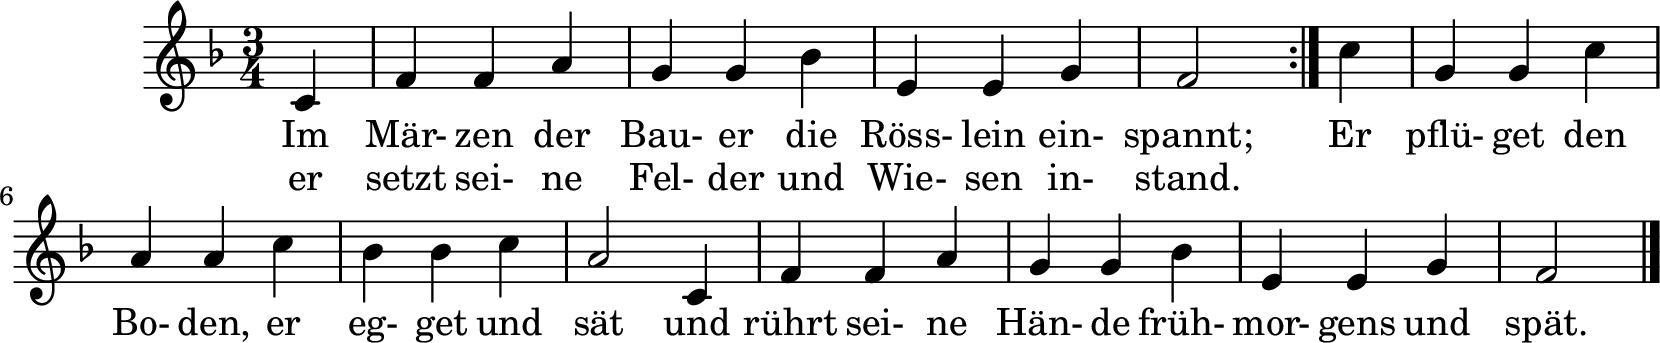 Notenblatt Music Sheet Im Märzen der Bauer